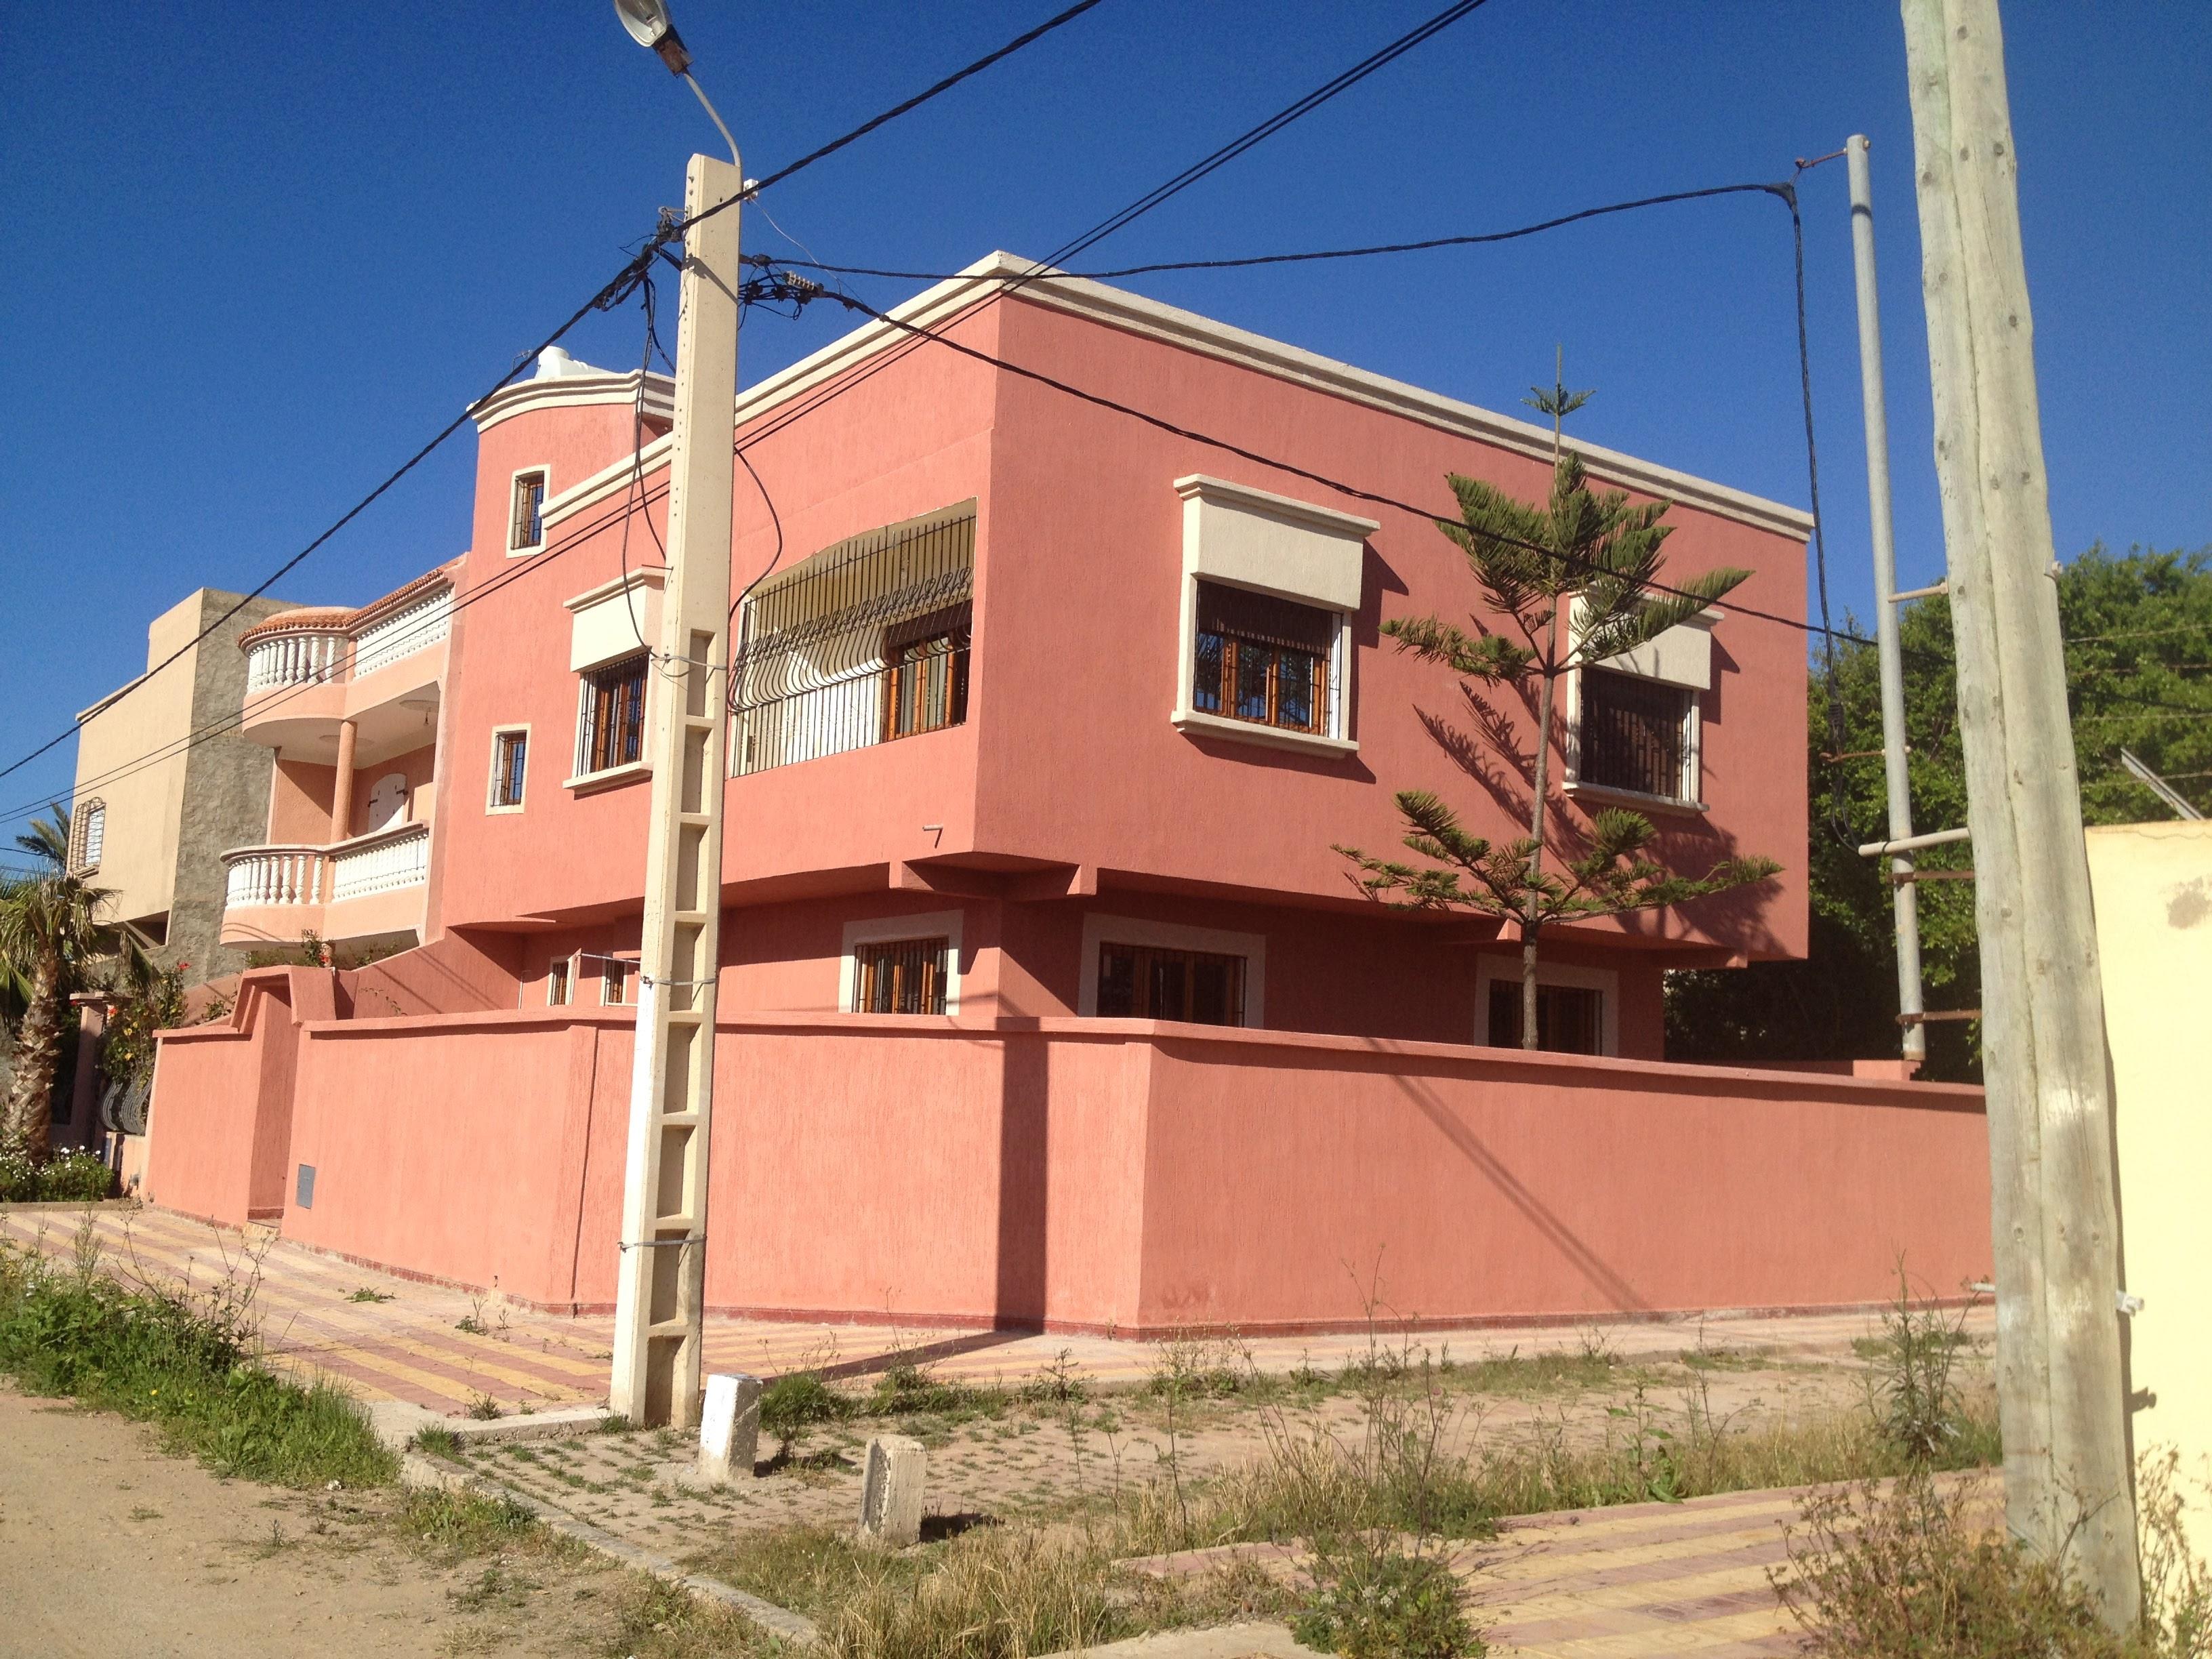 Saidia Maroc photo